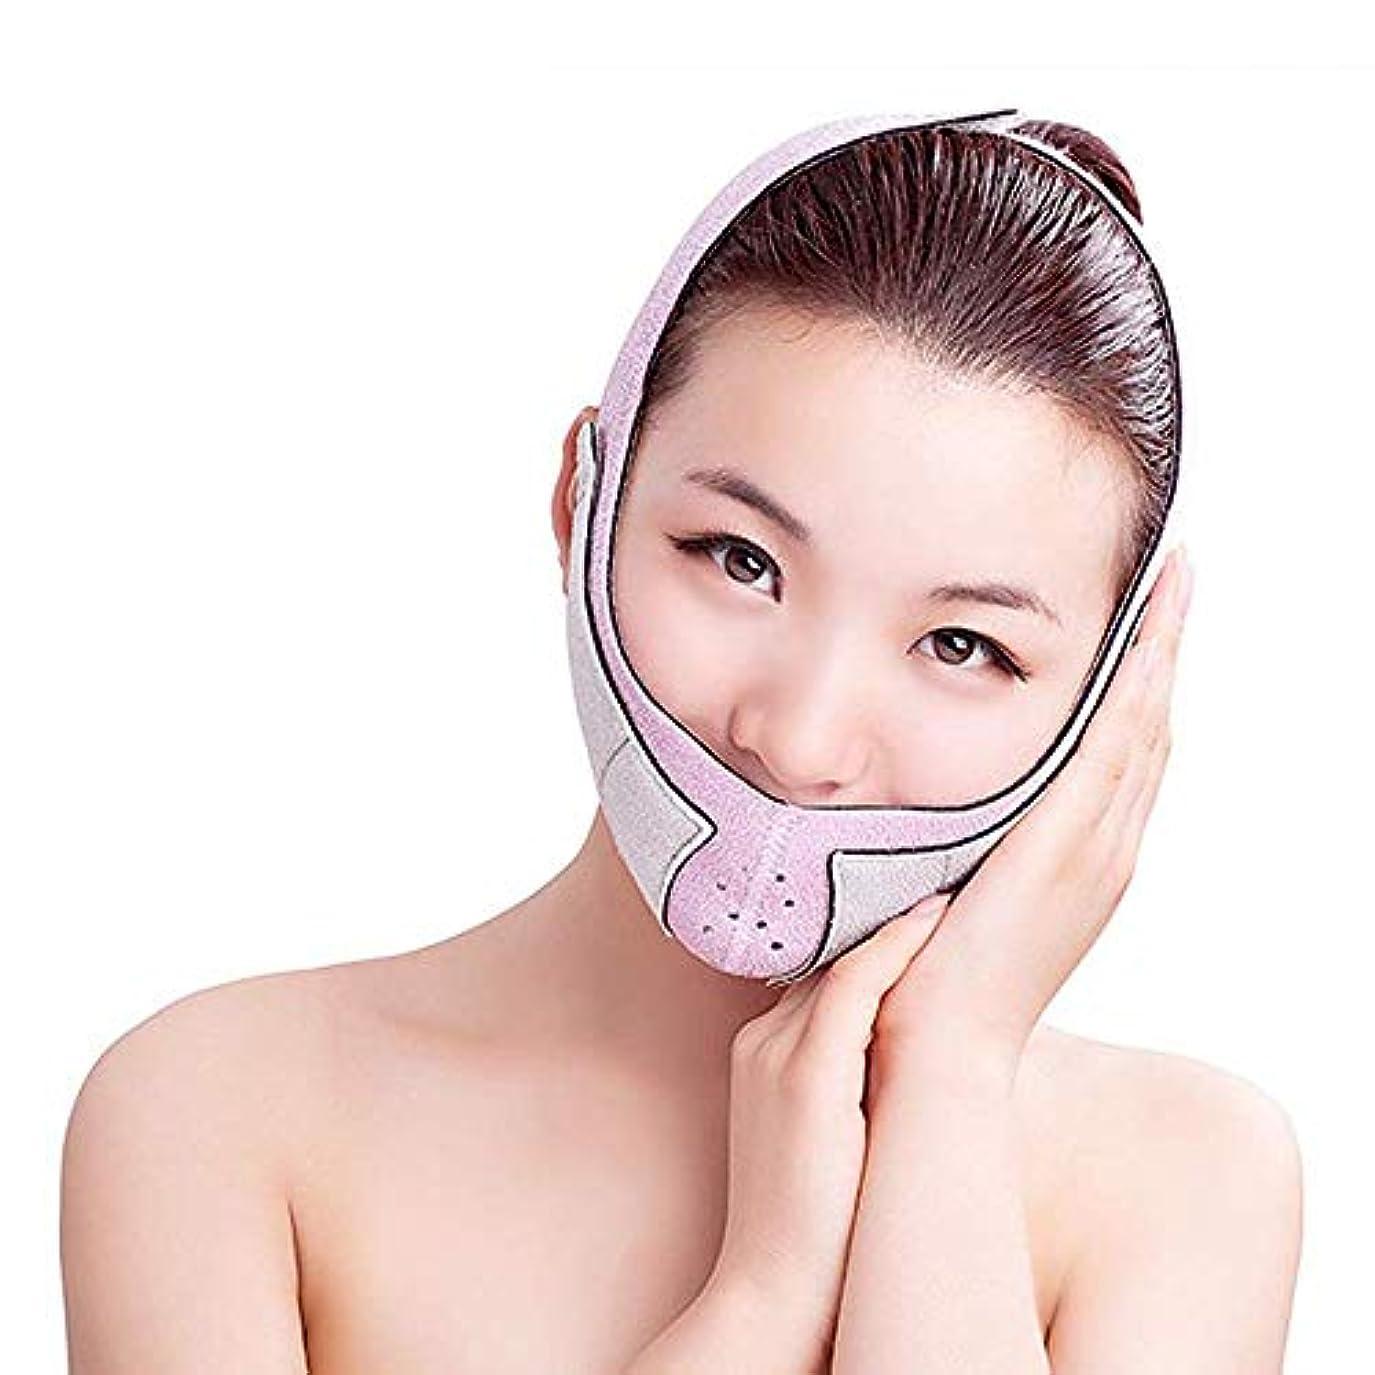 反対に強度胸薄い顔ベルト薄い顔ベルト通気性の補正3D薄い顔V顔ベルト包帯薄い顔アーティファクト (色 : B)